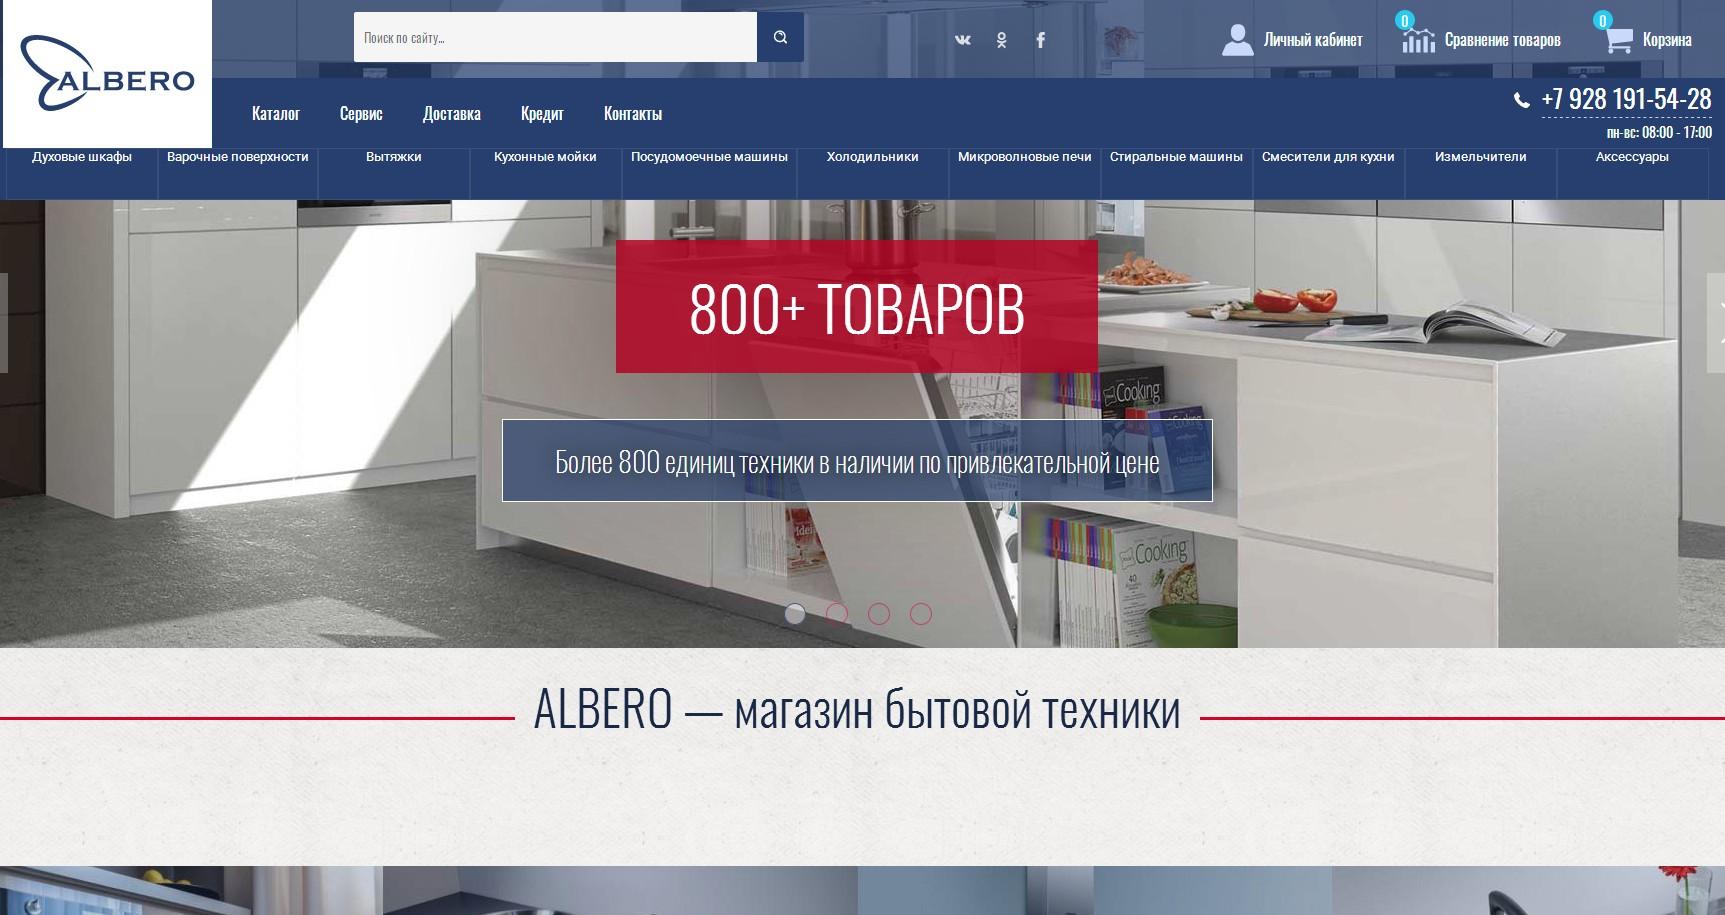 логотип rostovteh.ru